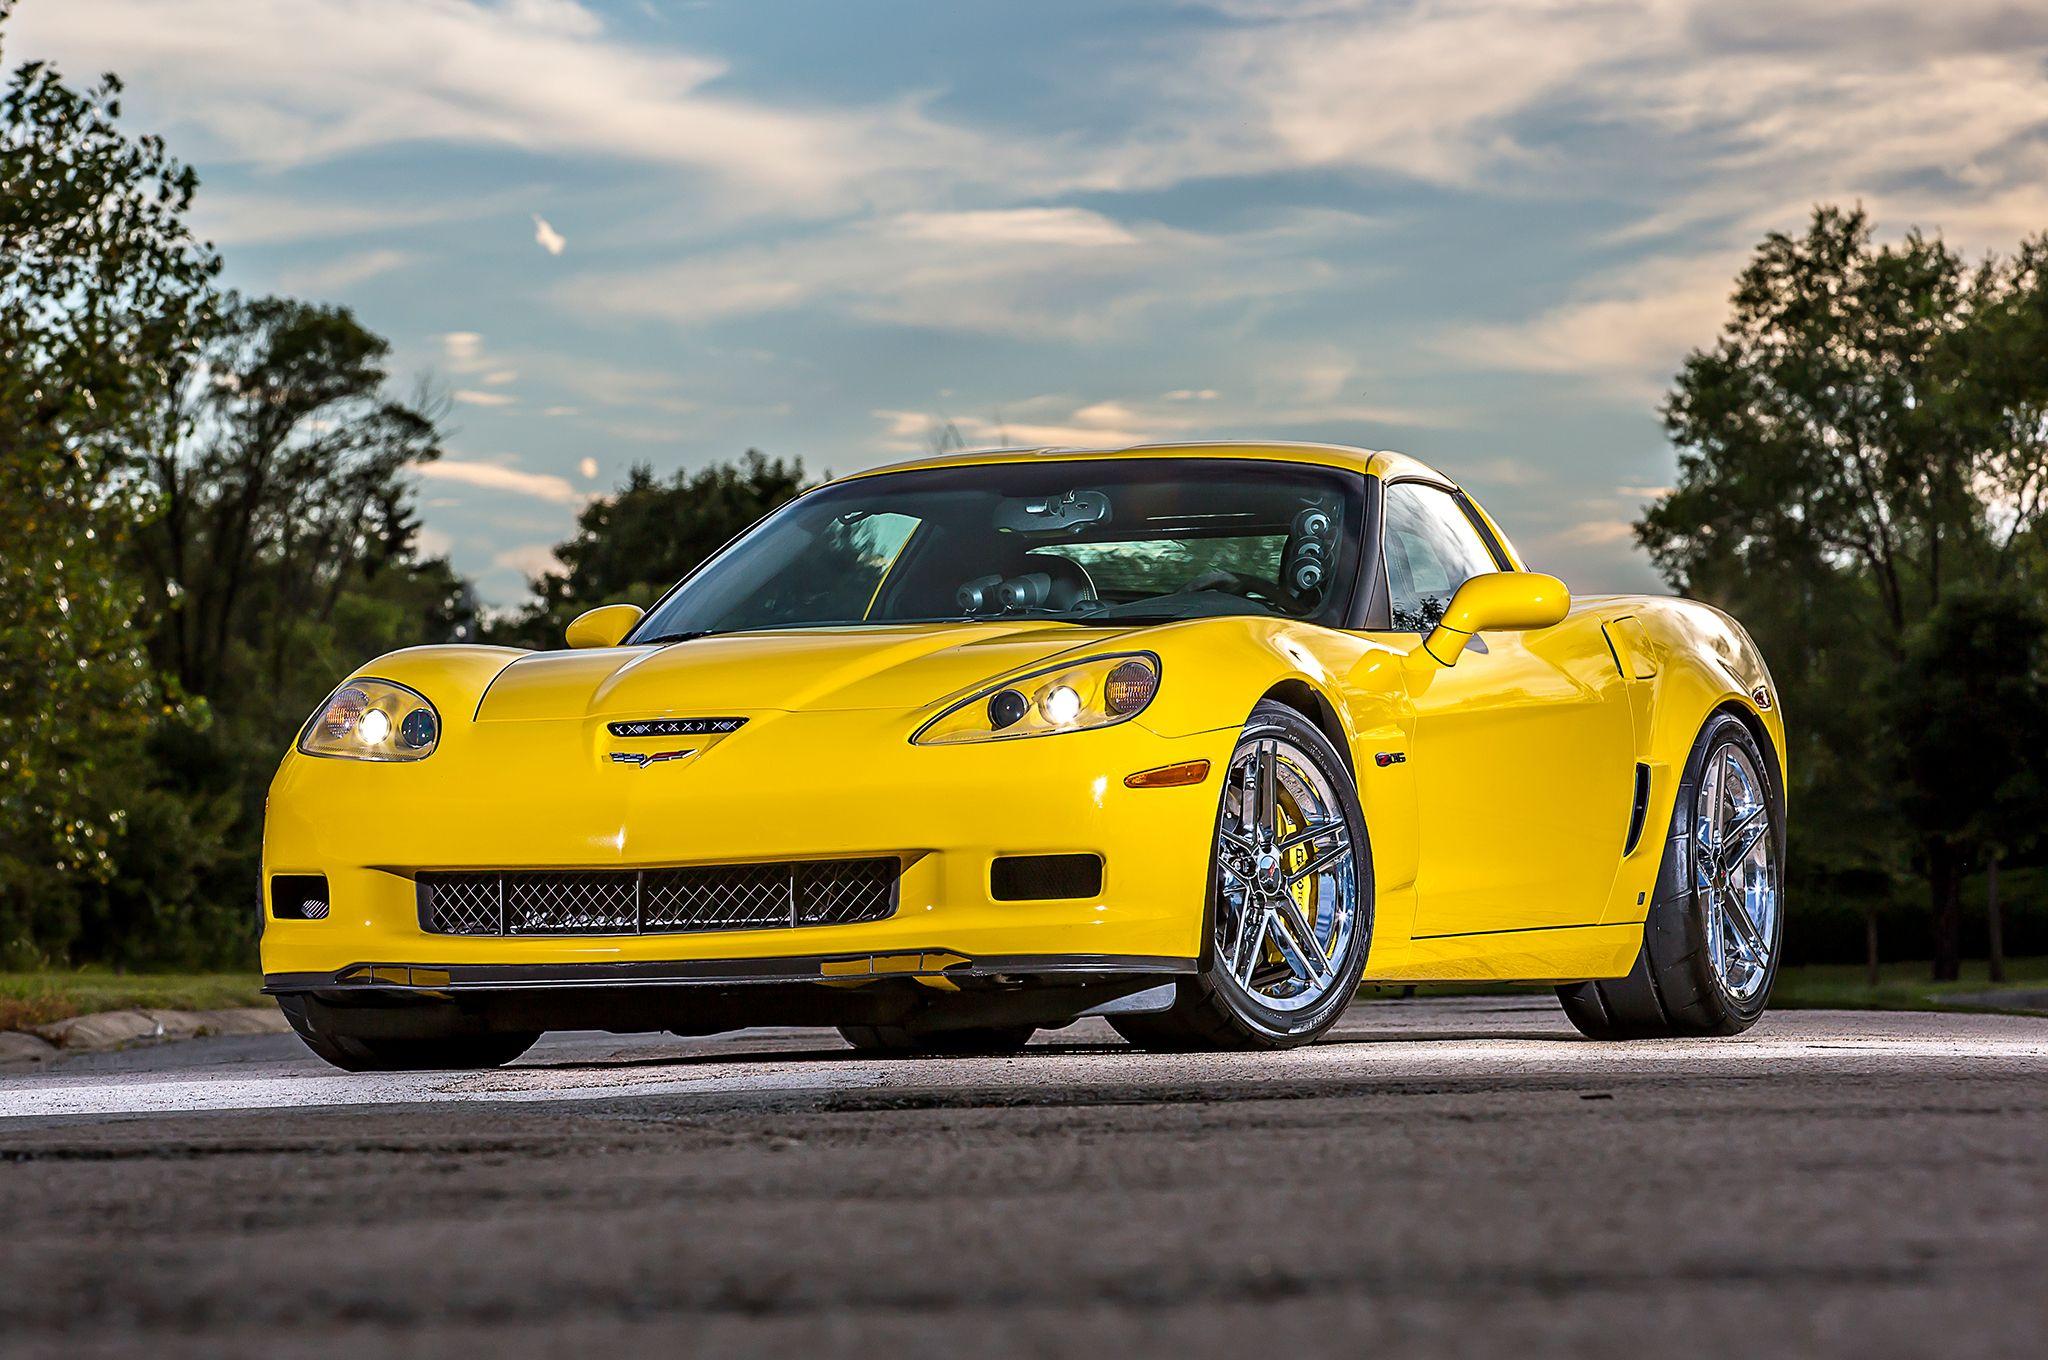 2007 Chevy Corvette Front Side View Corvetteforum